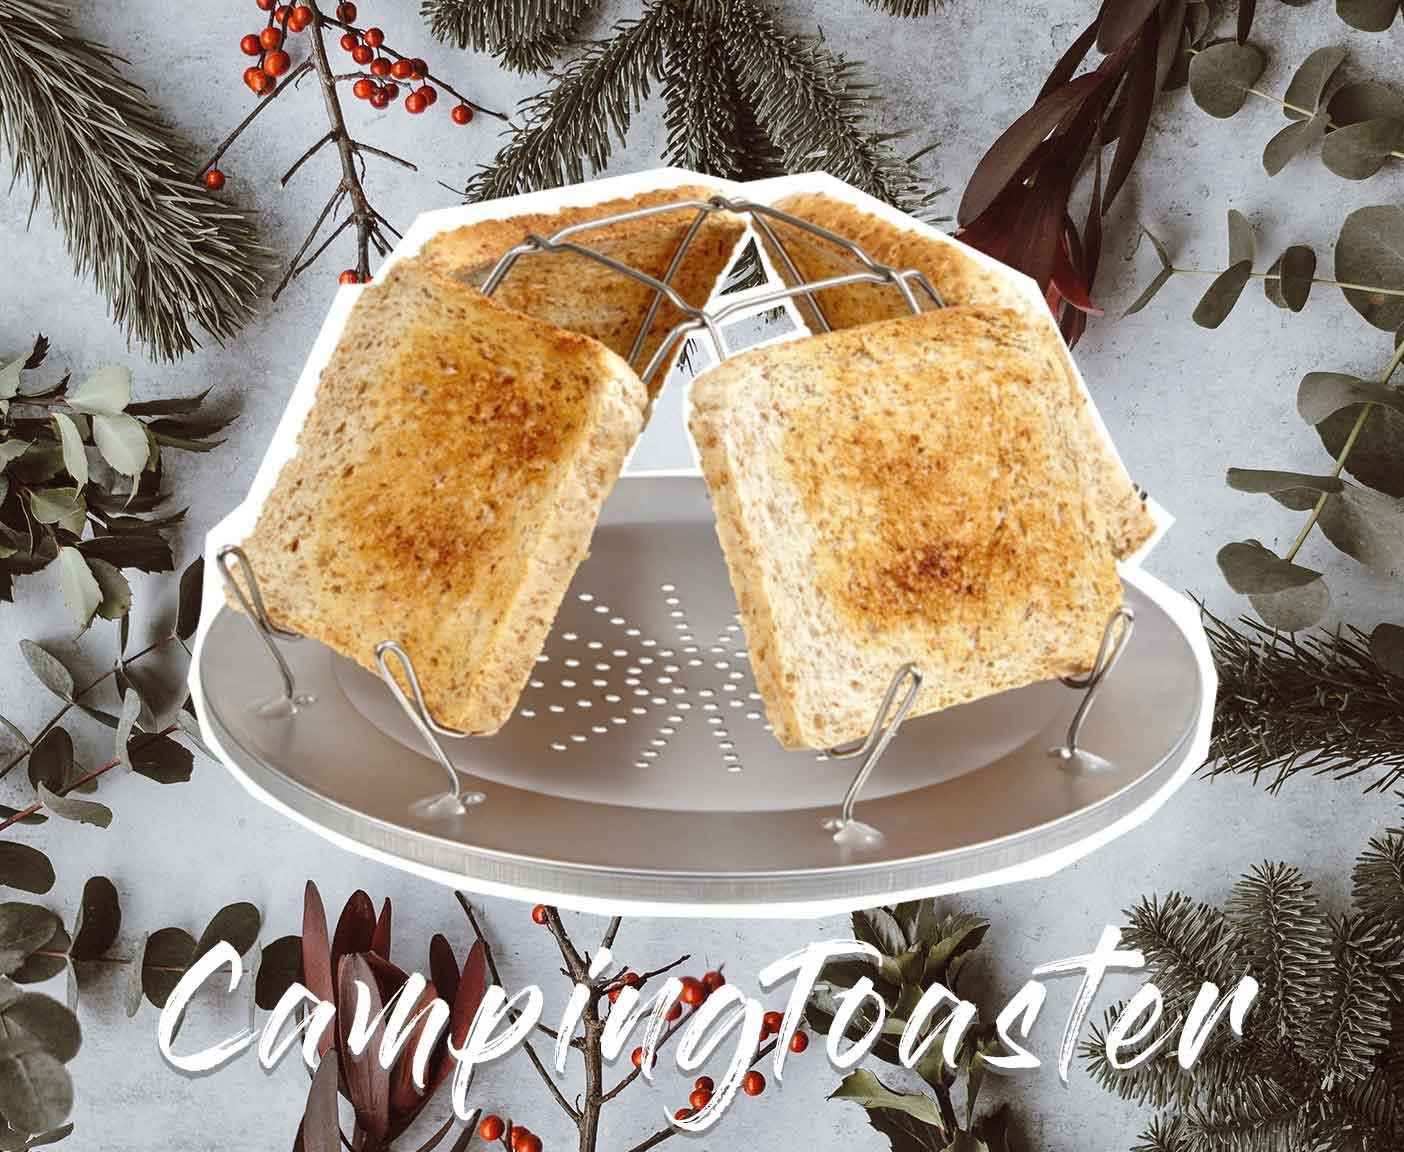 camper-geschenk-weihnachten-geschenkideen-wohnmobil-lustige-accessoires-geschenkkorb-camping-ideen-campen-geburtstag-camp-geschichten-vanlife-1-Campingtoaster_17